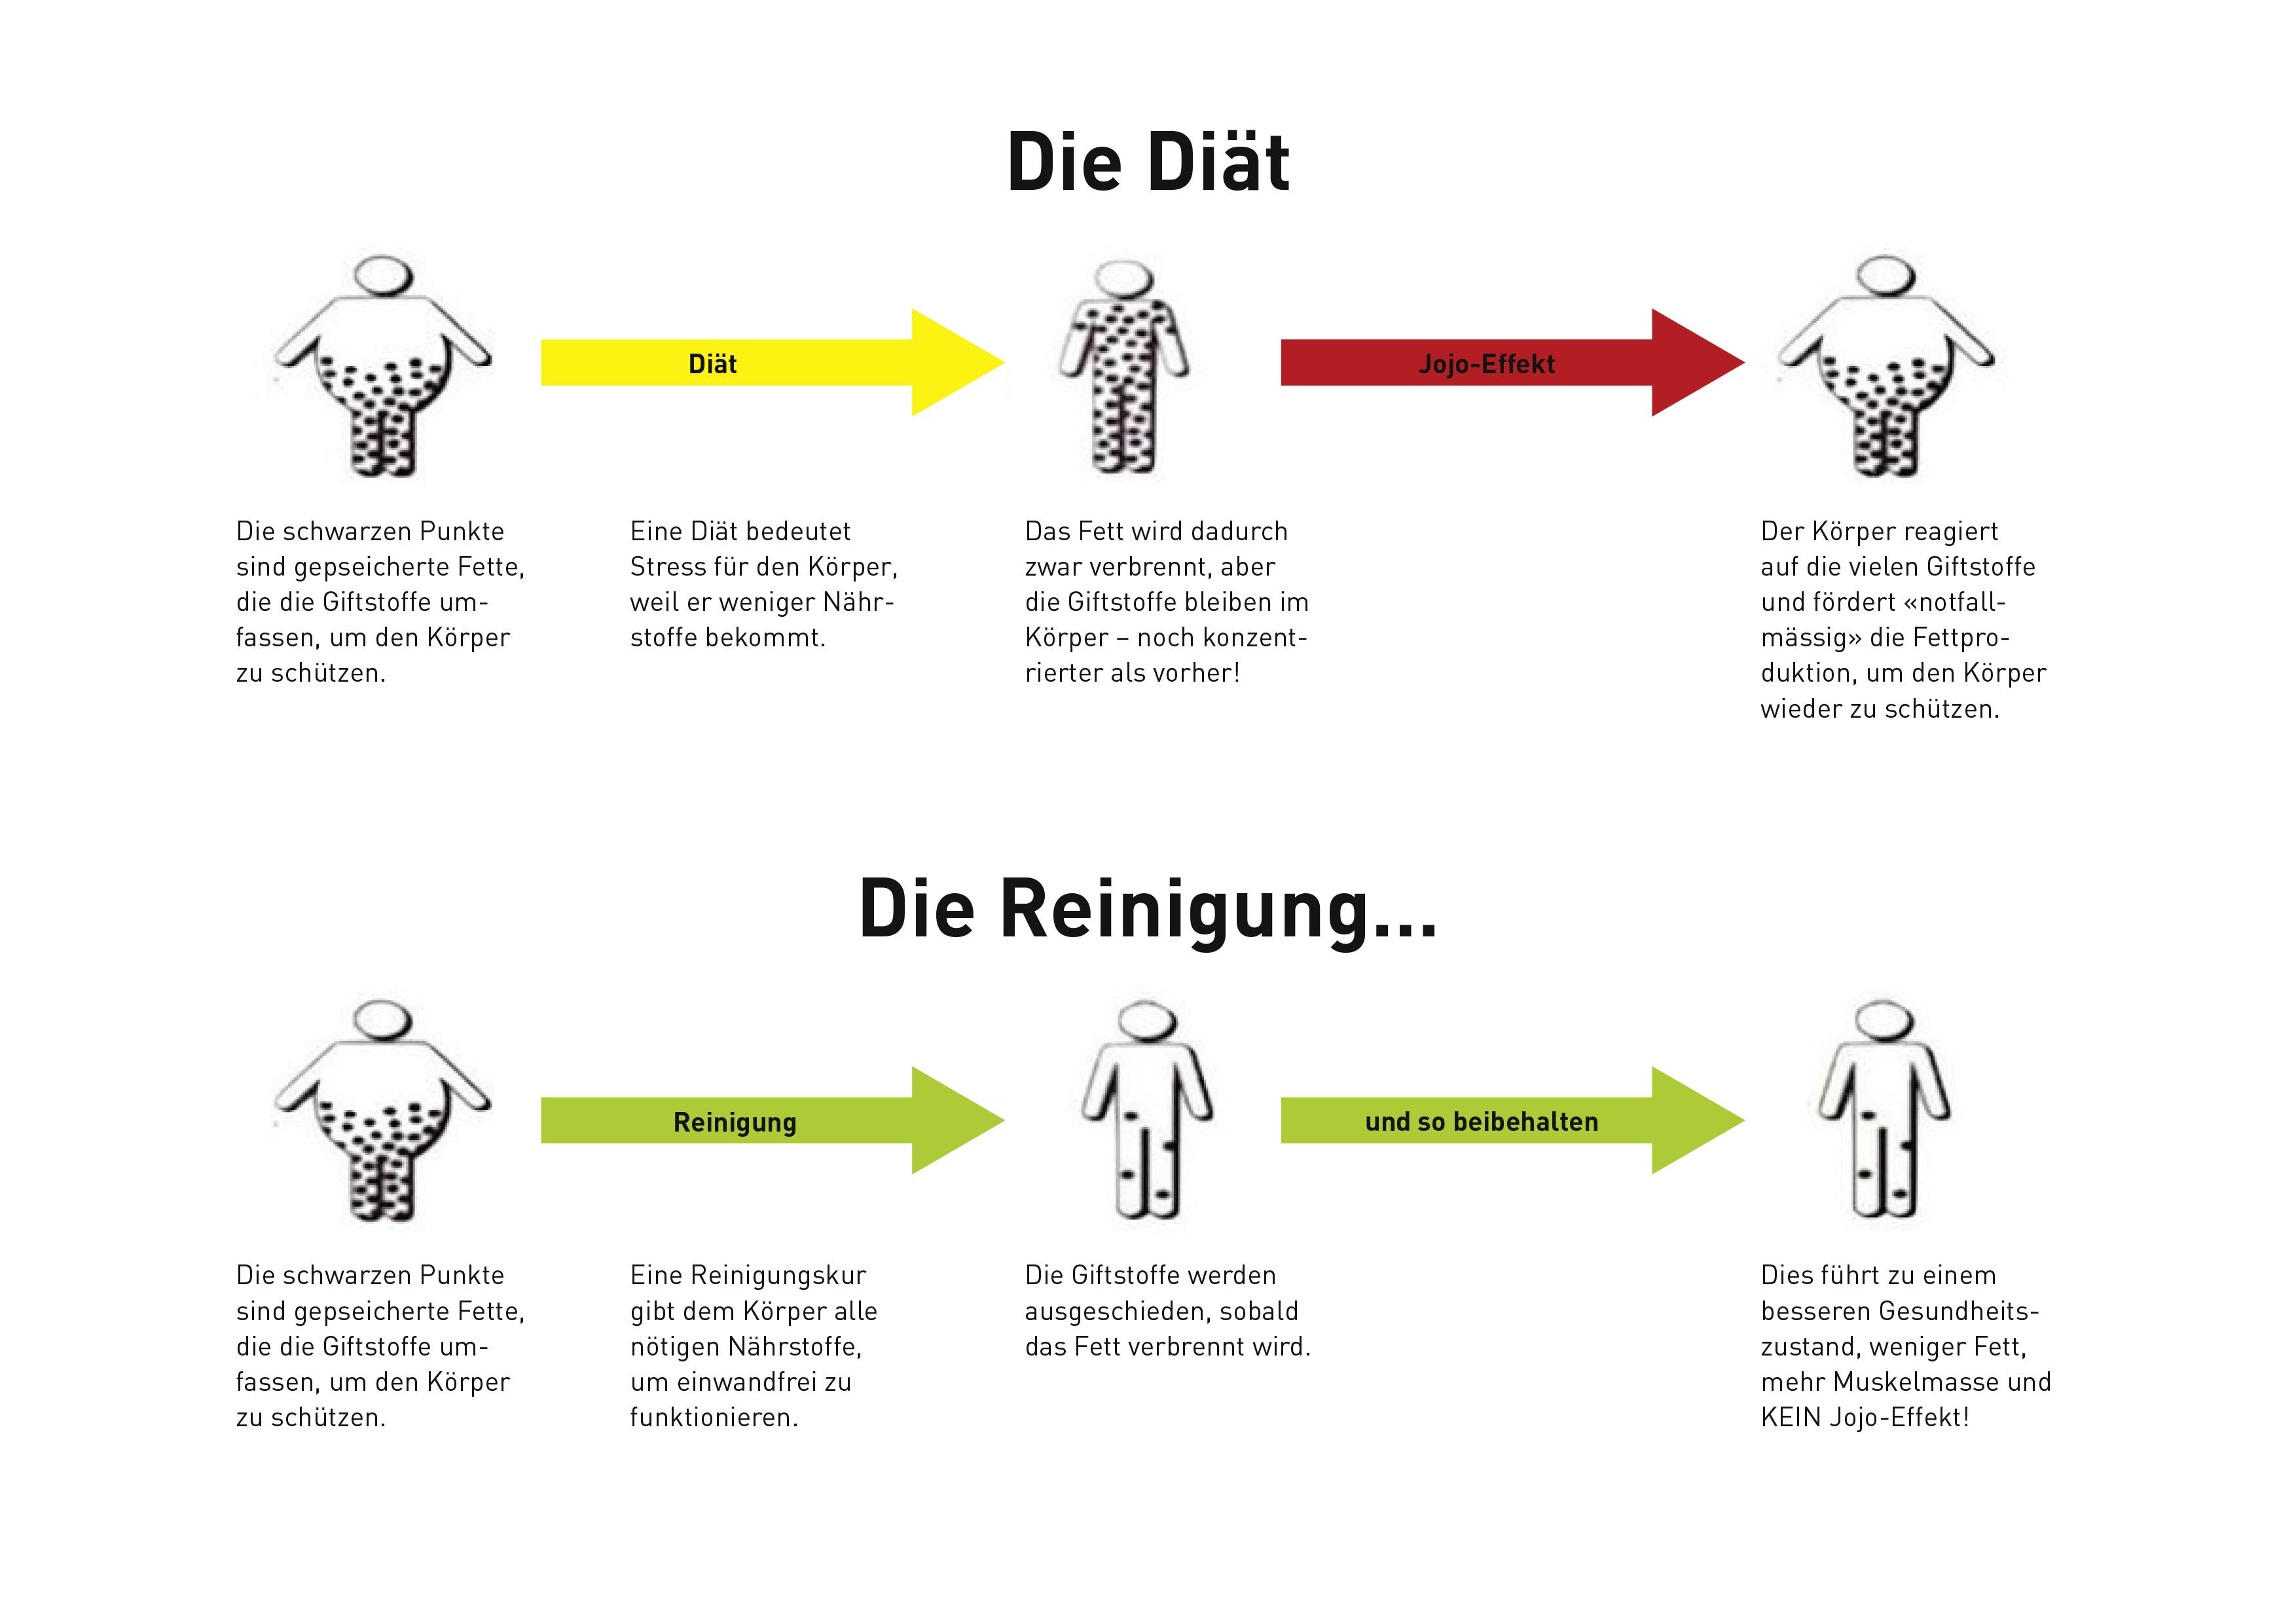 Unterschied Diät und Reinigung